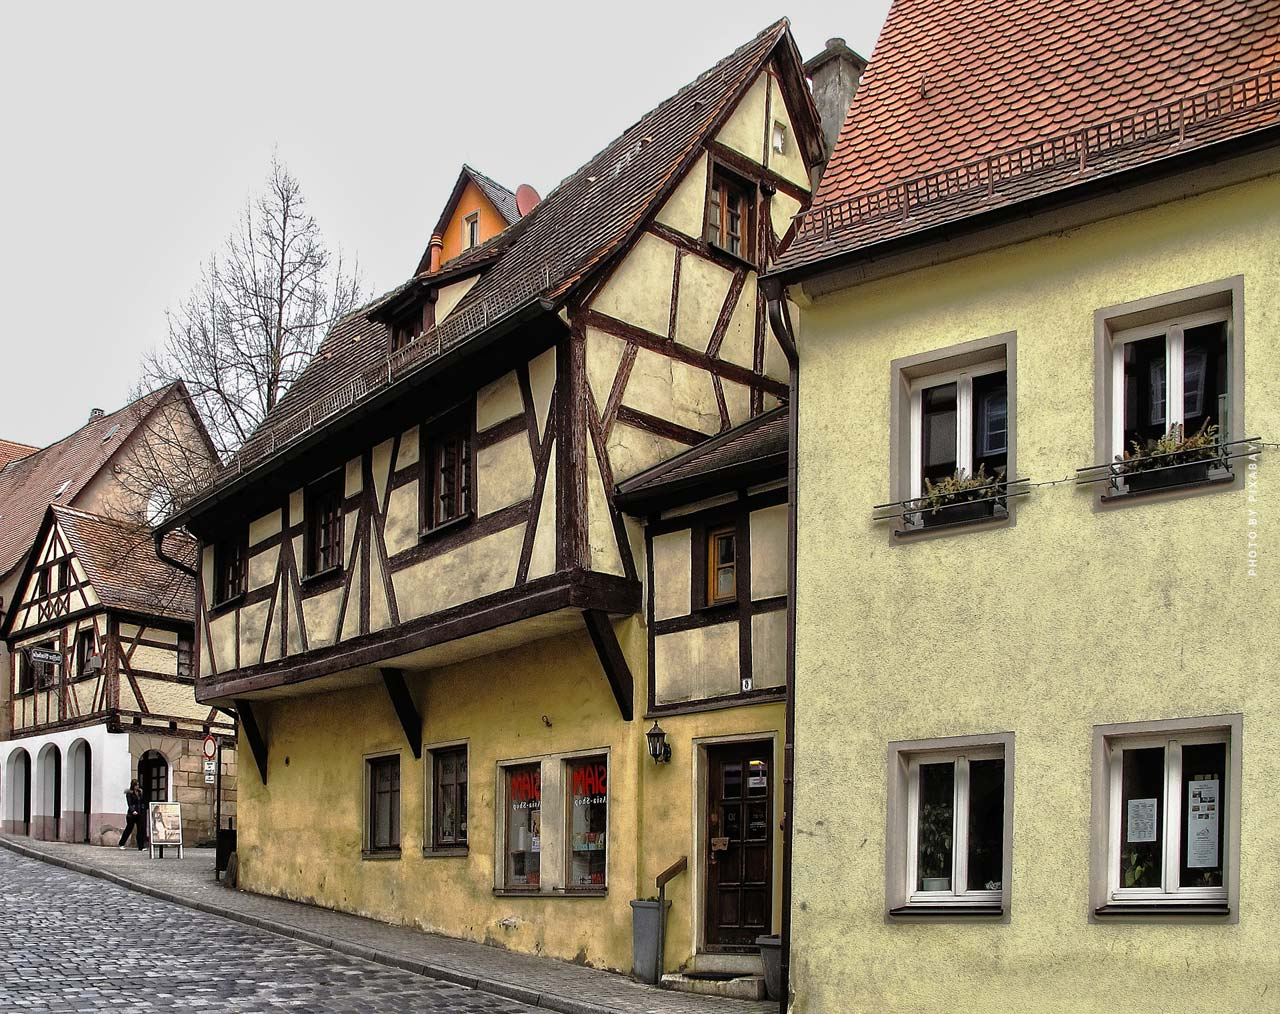 Kaus kaufen in Freital: Bauen, Miete und Mieter, Quadratmeter bis Kapitalanlage